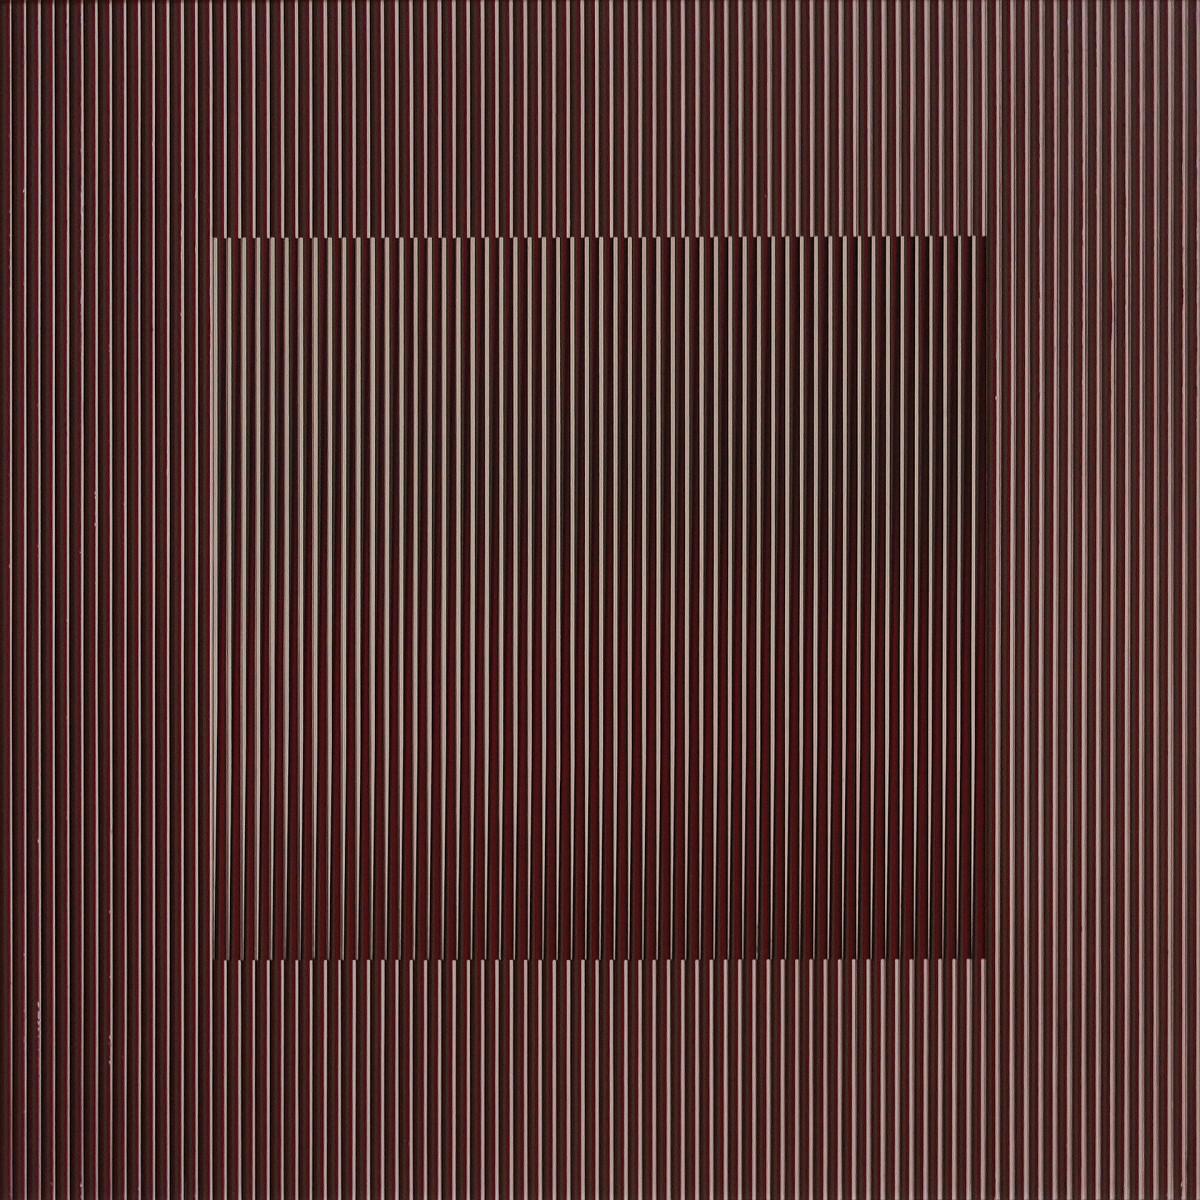 Carlos Cruz-Diez: Physochromie (1977)